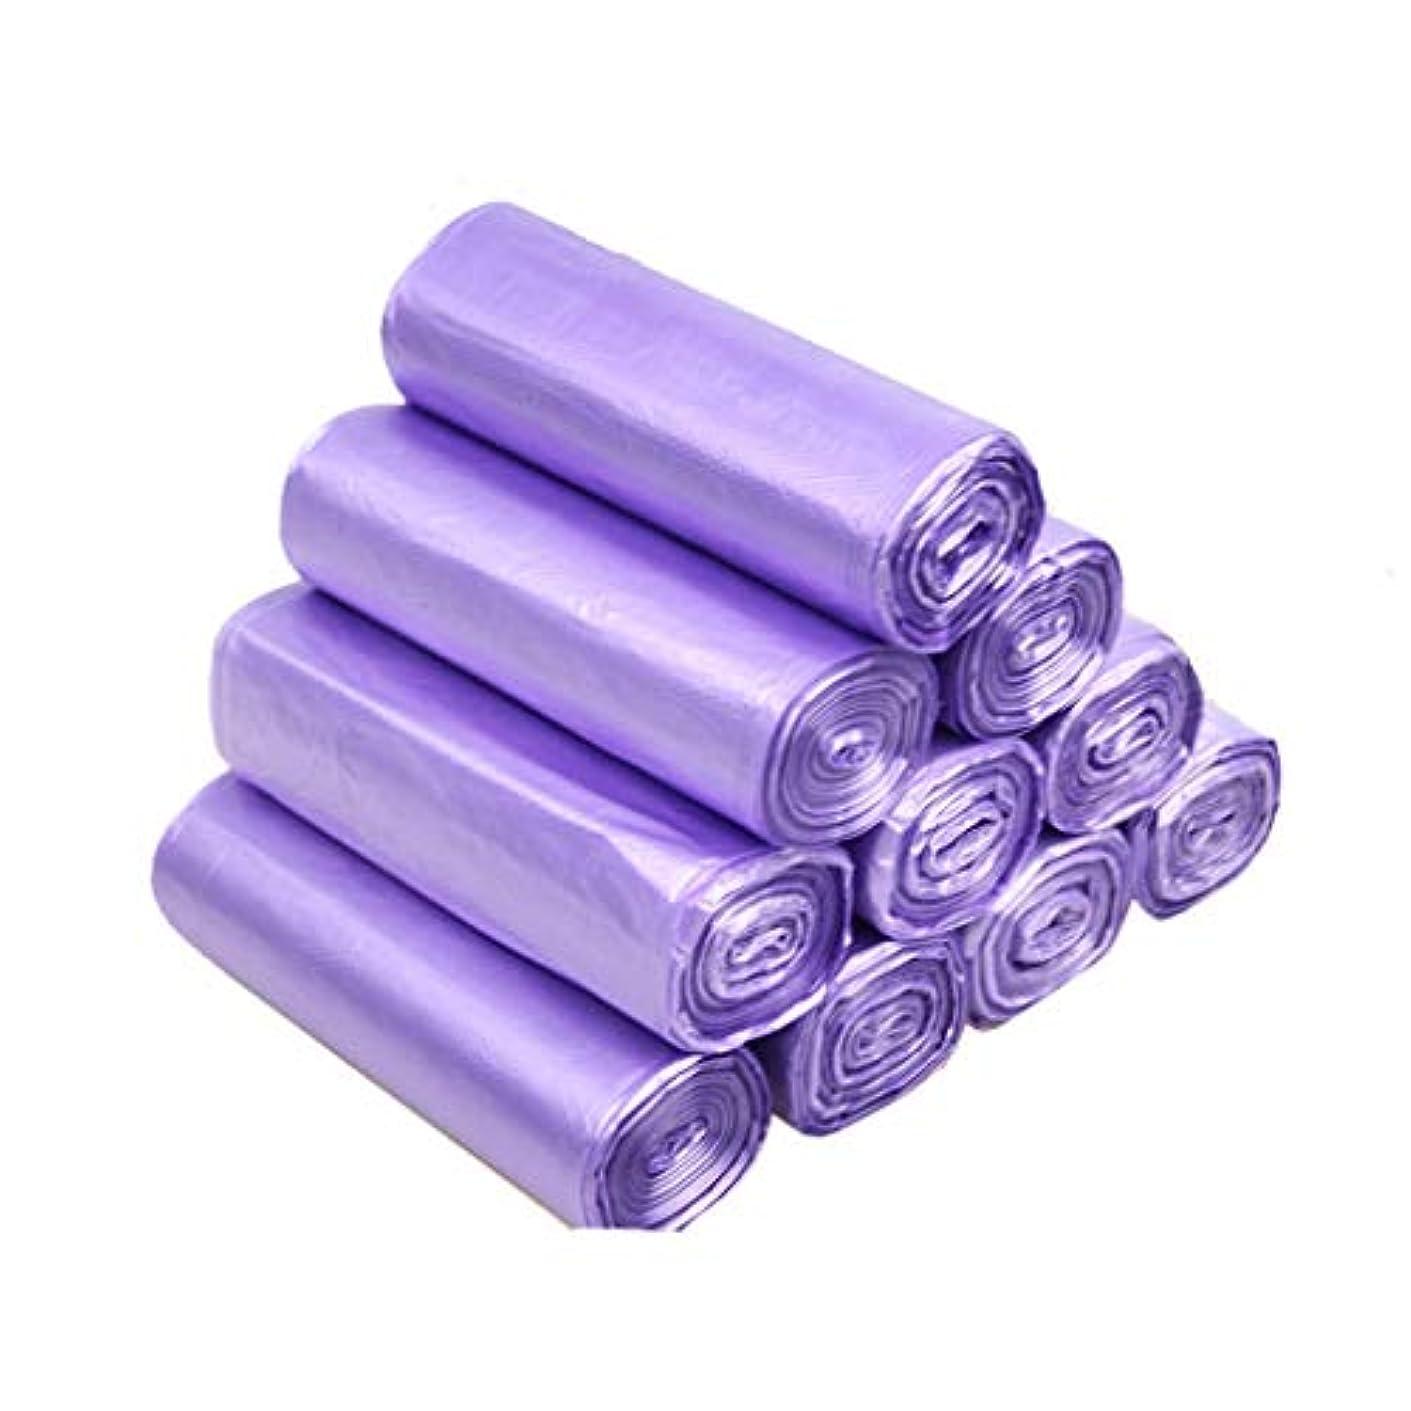 割り当てる脱獄水っぽい家庭用ゴミ袋ペダル袋小箱ヘビーデューティ長方形箱なしゴミ袋クロージングゴミ袋ゴミ箱ゴミ袋PE食品ゴミ袋ゴミ袋(サイズ:45×50cm) (サイズ さいず : 10 rolls of incense 200 bags)